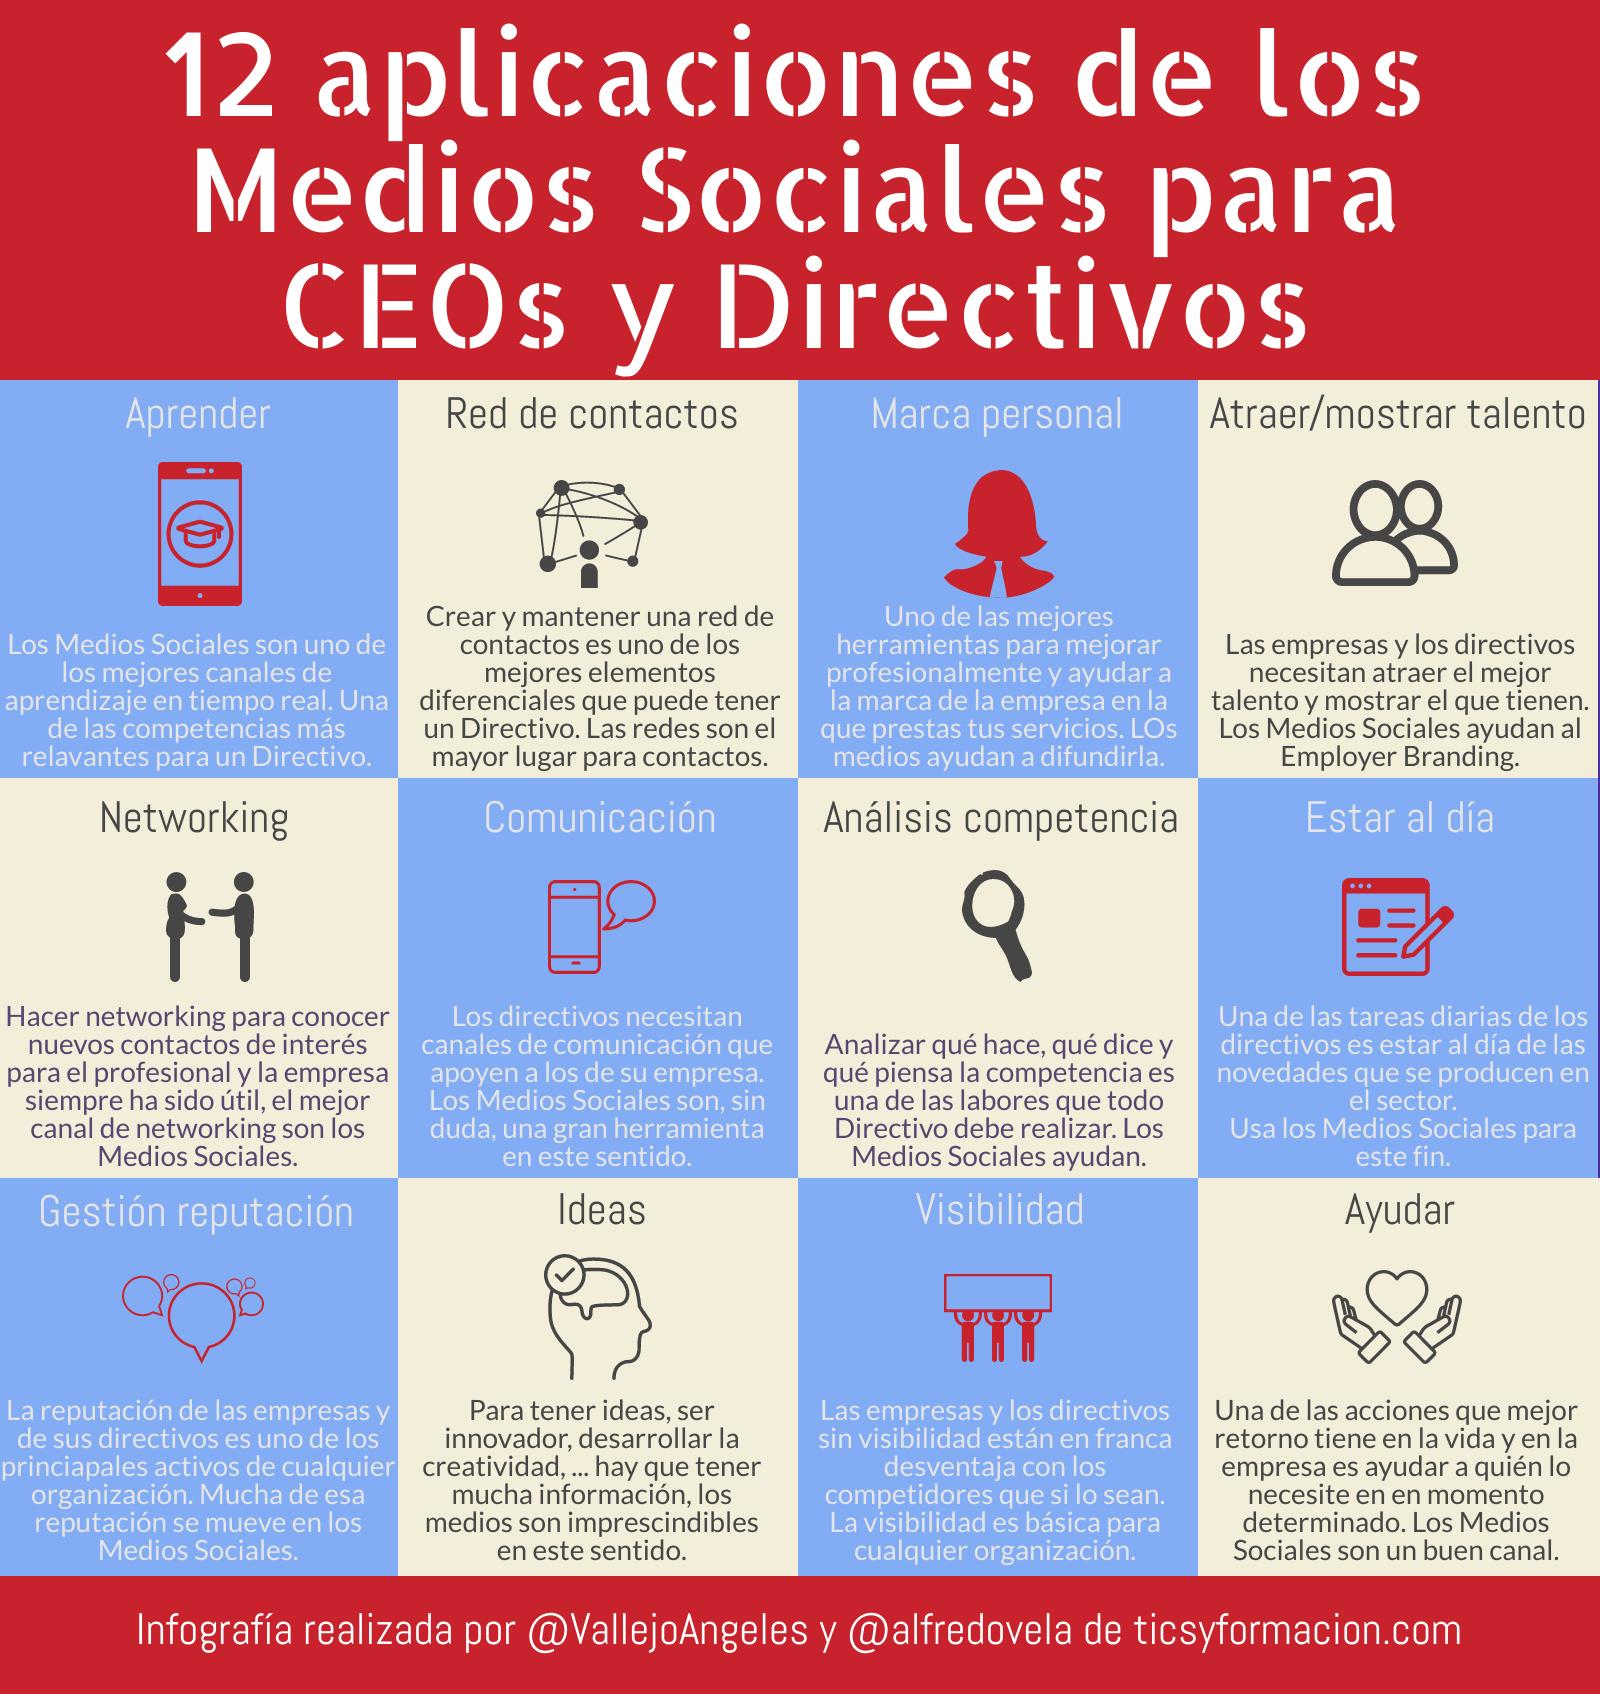 12 aplicaciones de los Medios Sociales para CEOs y Directivos